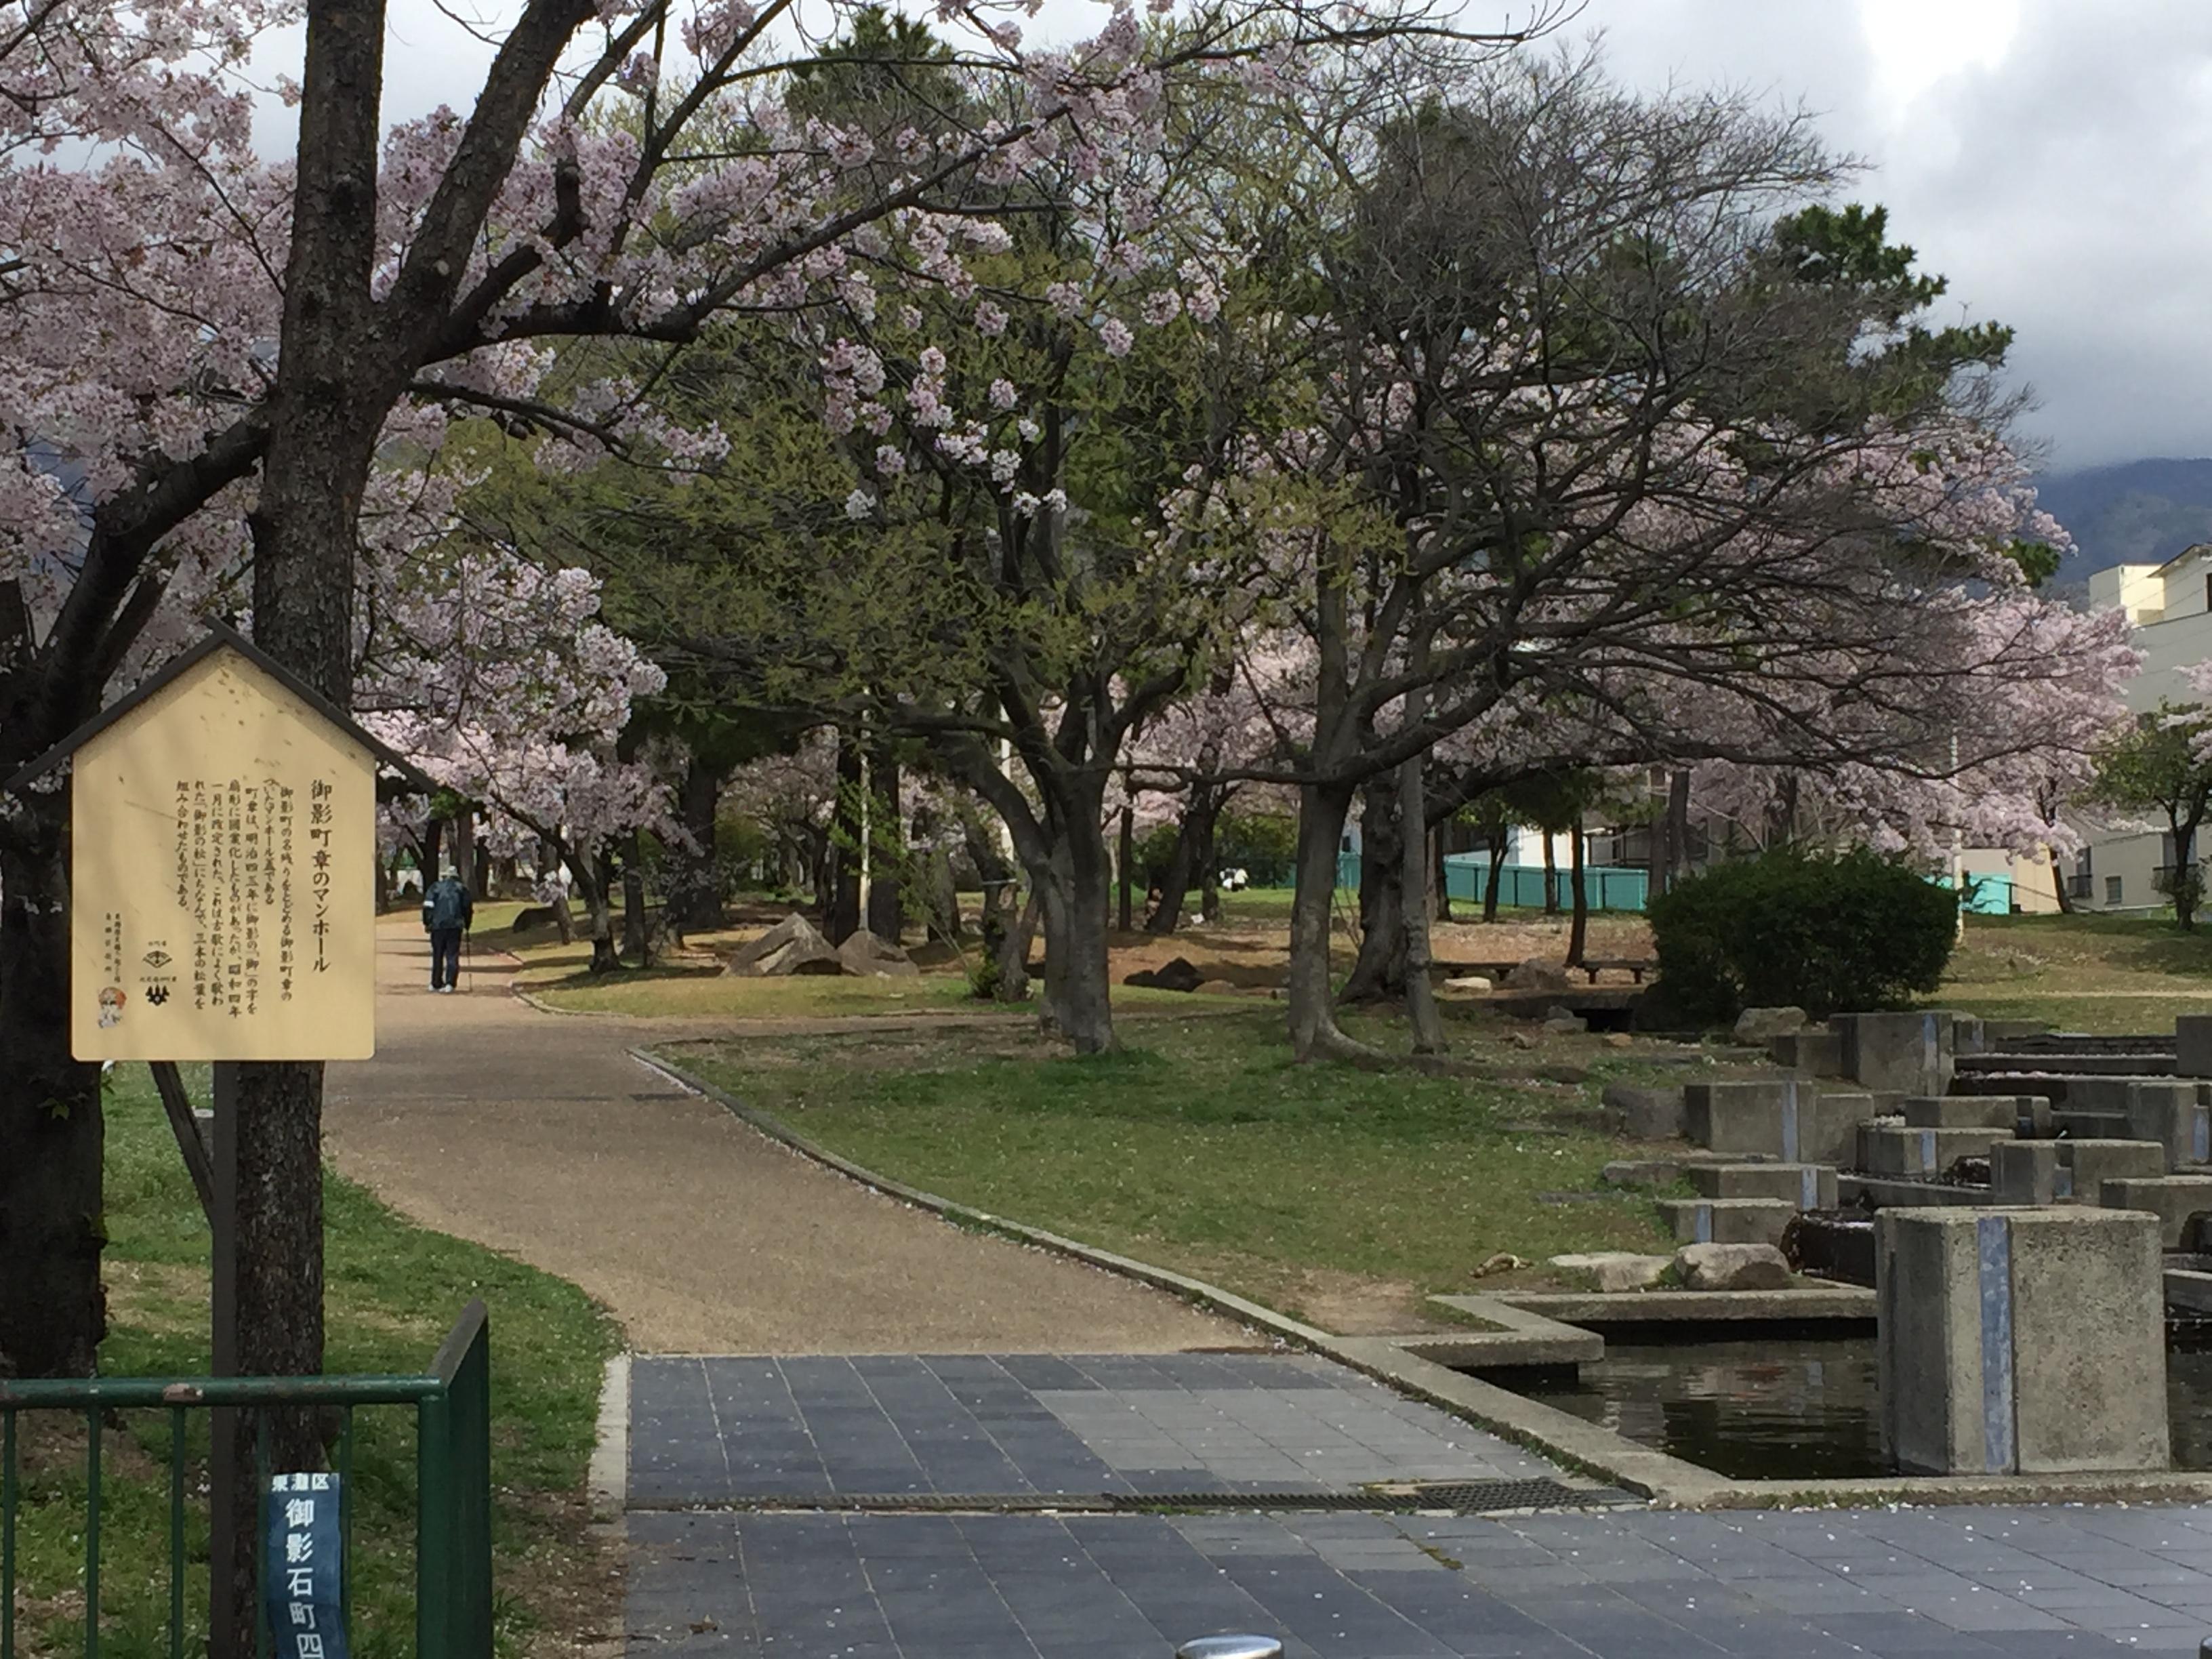 東灘・灘の境界にある石屋川公園の桜が満開だよ【写真で見るお花見スポット】